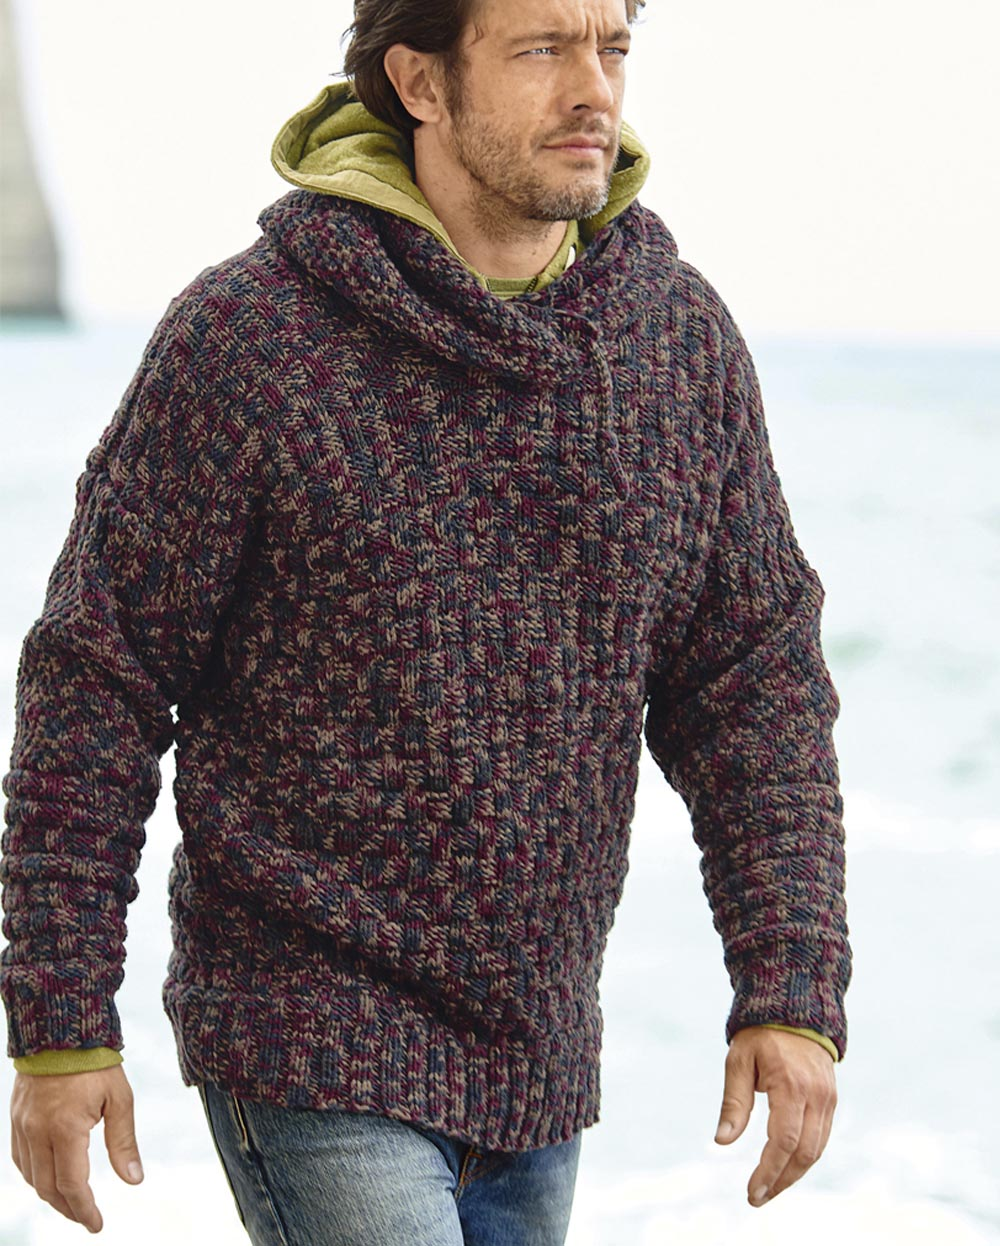 Вязание спицами для мужчин модные модели с описанием